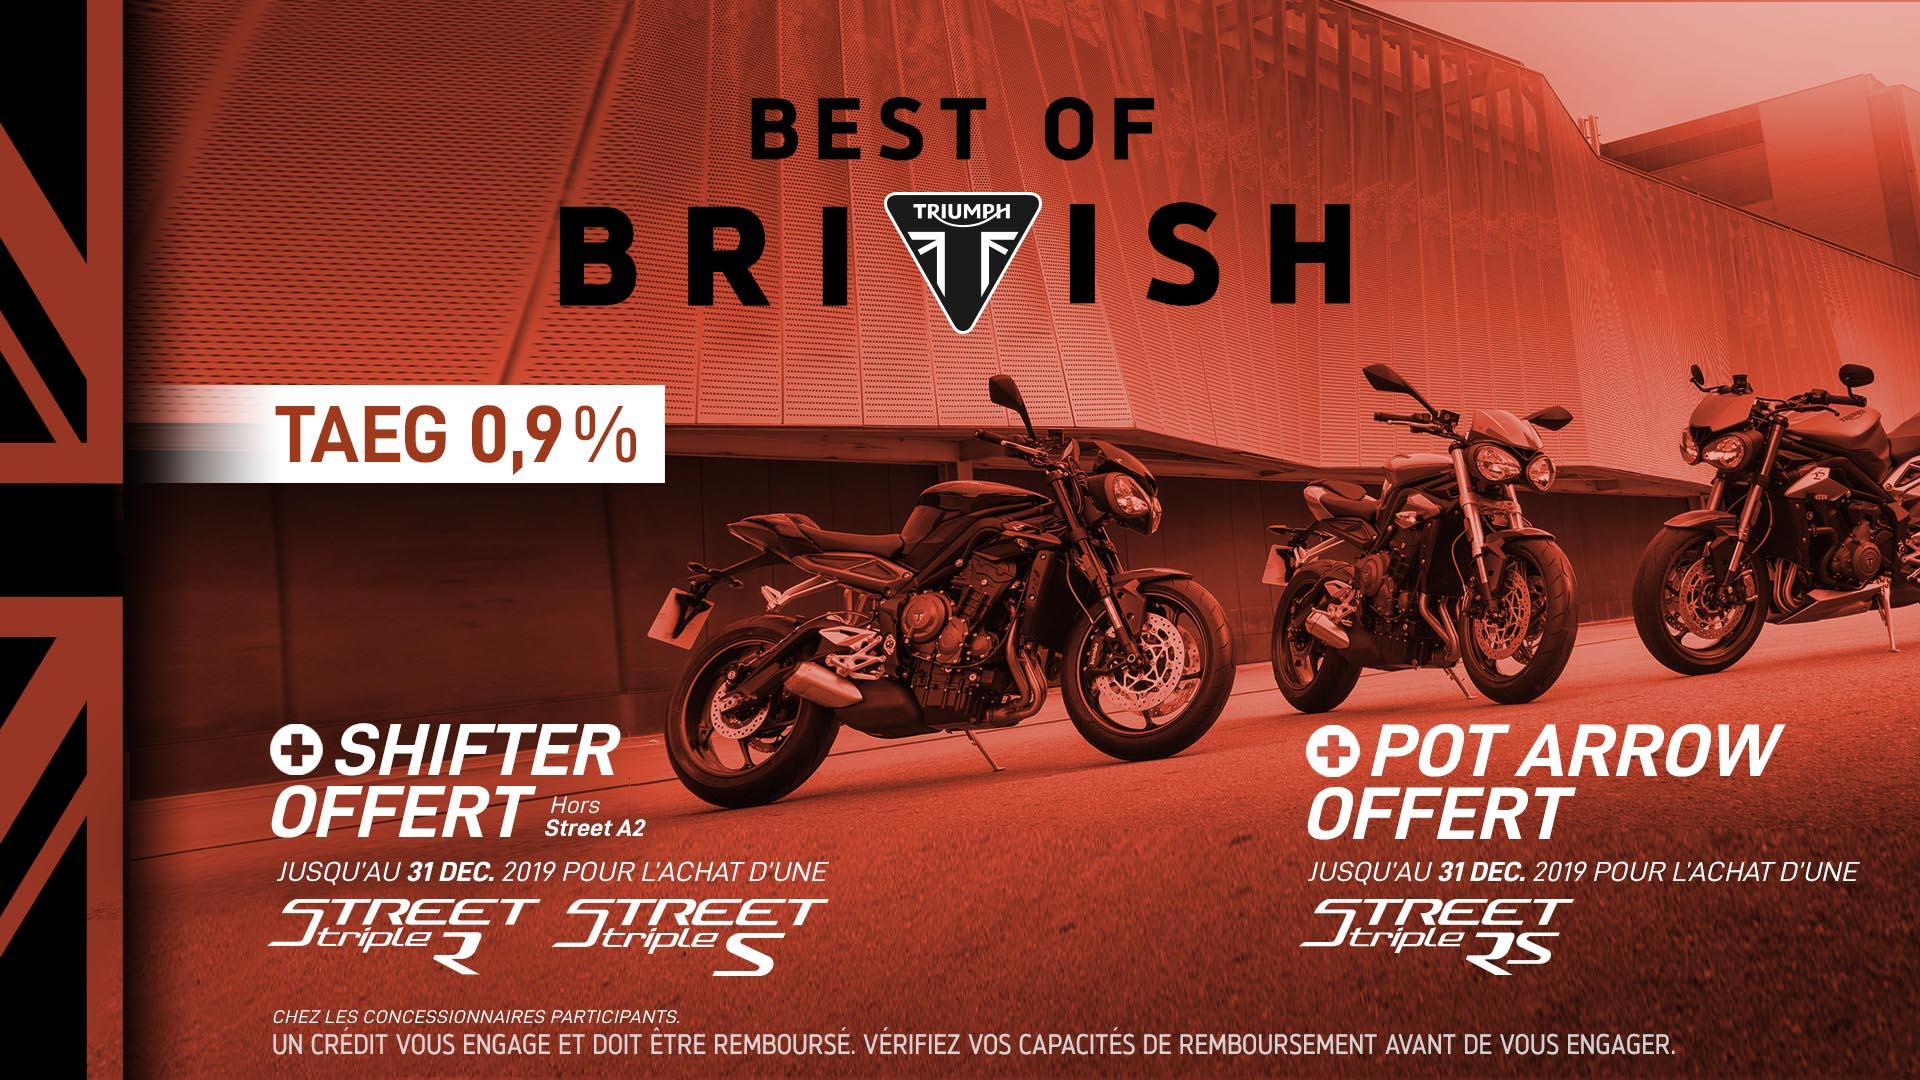 Shifter ou Pot Arrow offerts pour 1€de plus sur une sélection de modèles (triumphmotorcycles.fr)